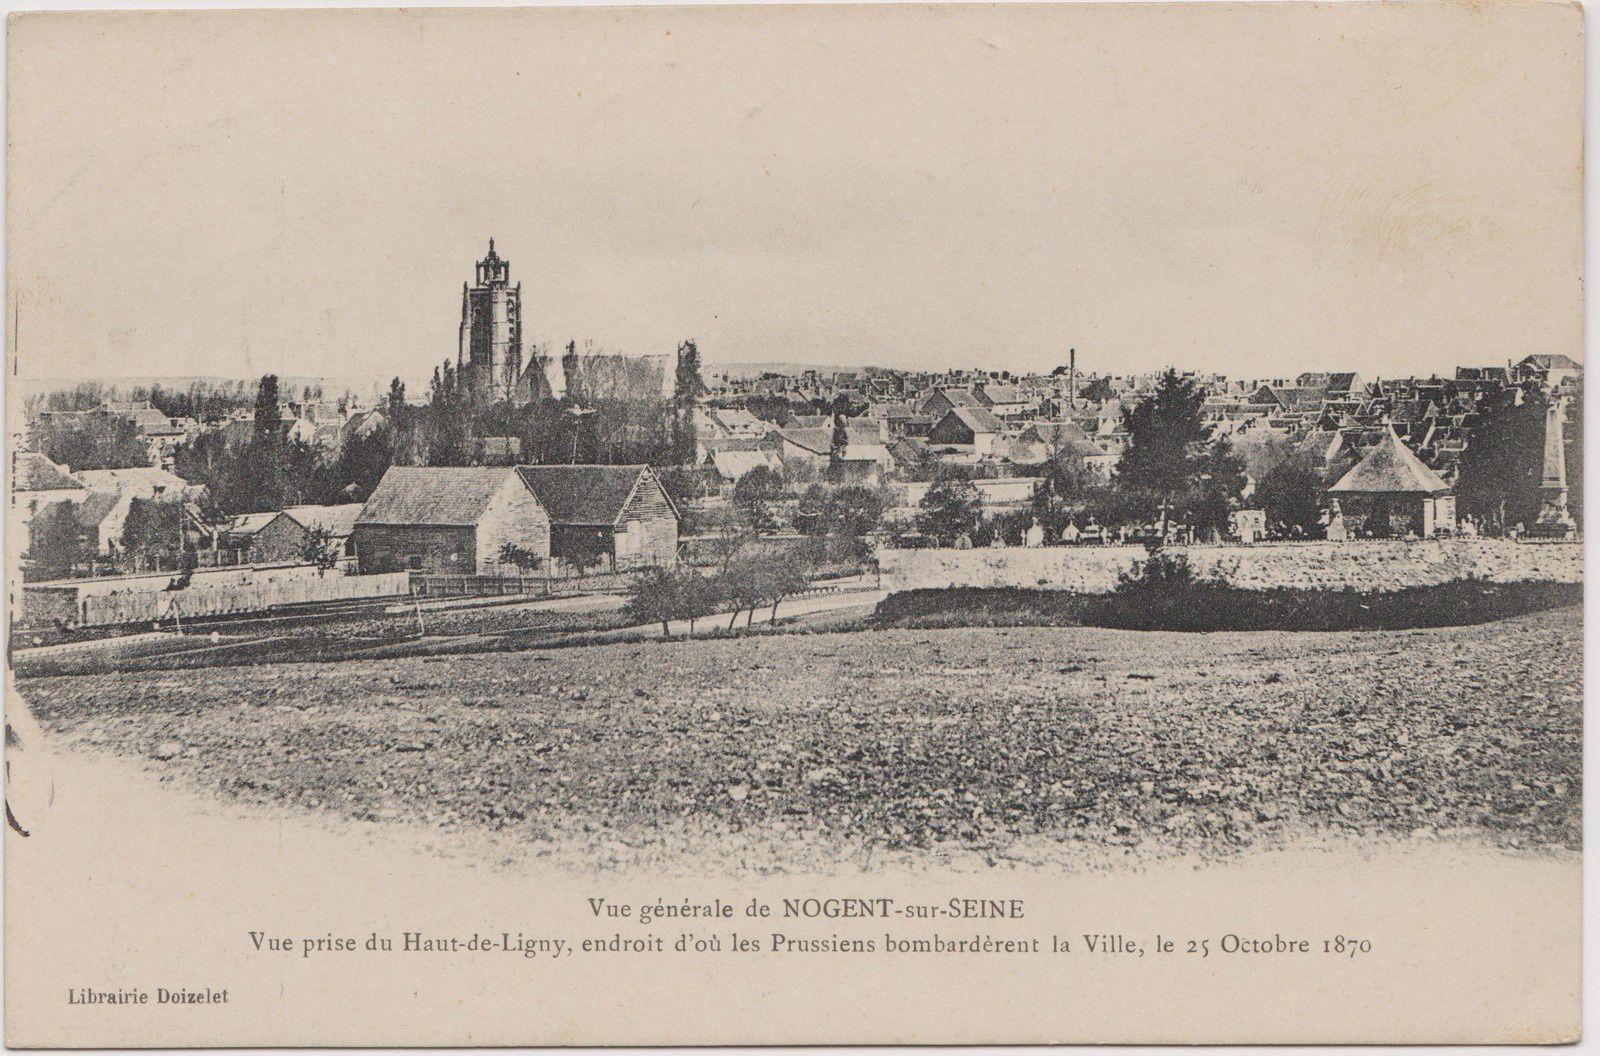 Cartes postales ville,villagescpa par odre alphabétique. - Page 5 Ob_ac71fe_nogent-sur-seine